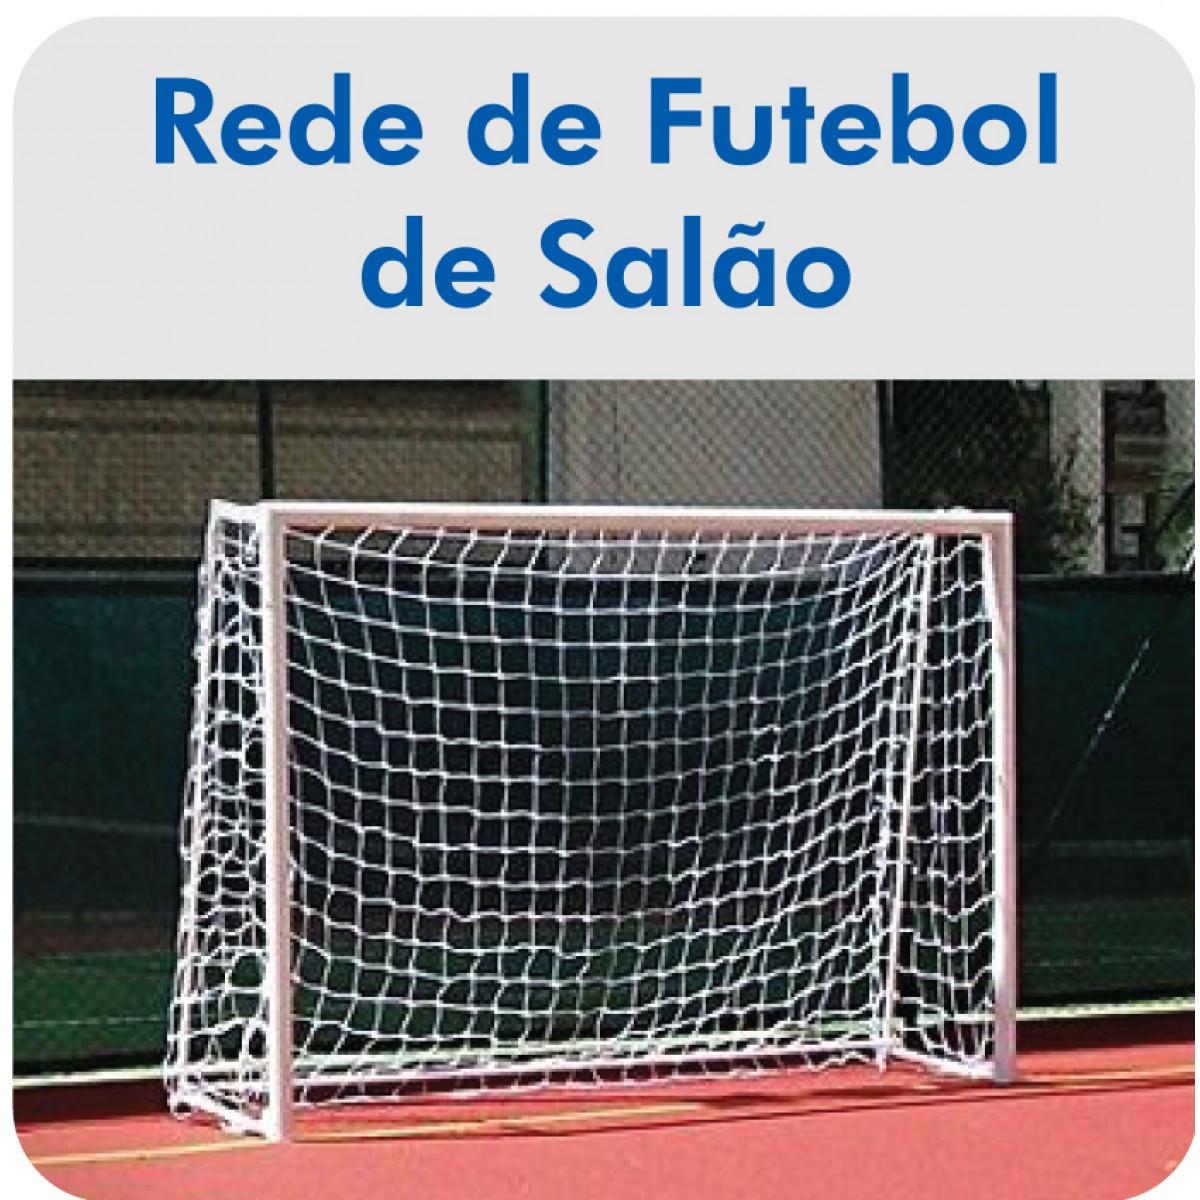 Rede de Futebol de Salão   Futsal - Fio 3mm Mix - Master Rede - Cód ... ab6fd065f70b4